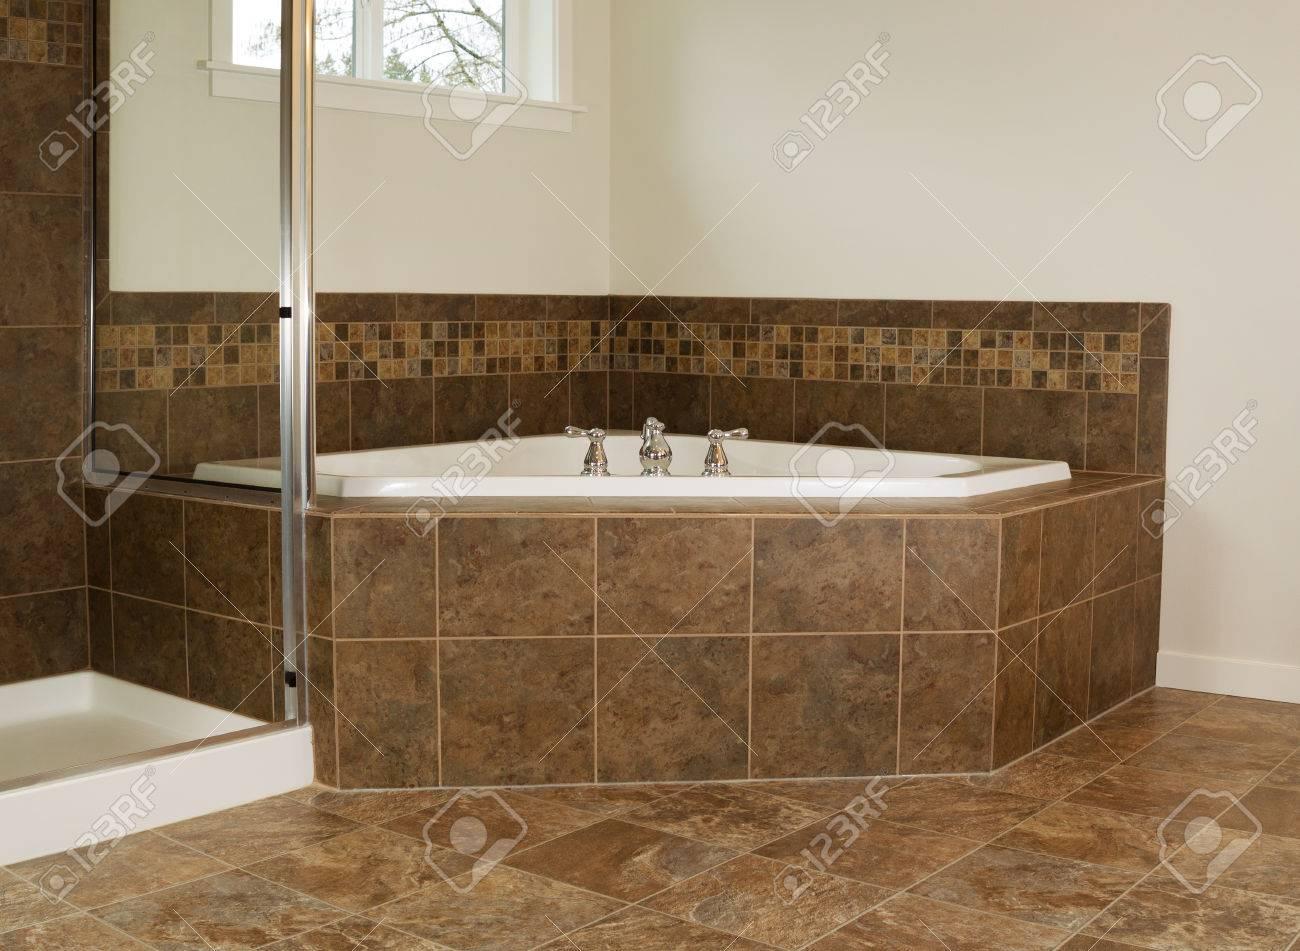 Photo horizontale de grande baignoire dans salle de bain avec douche et  fenêtres partielle